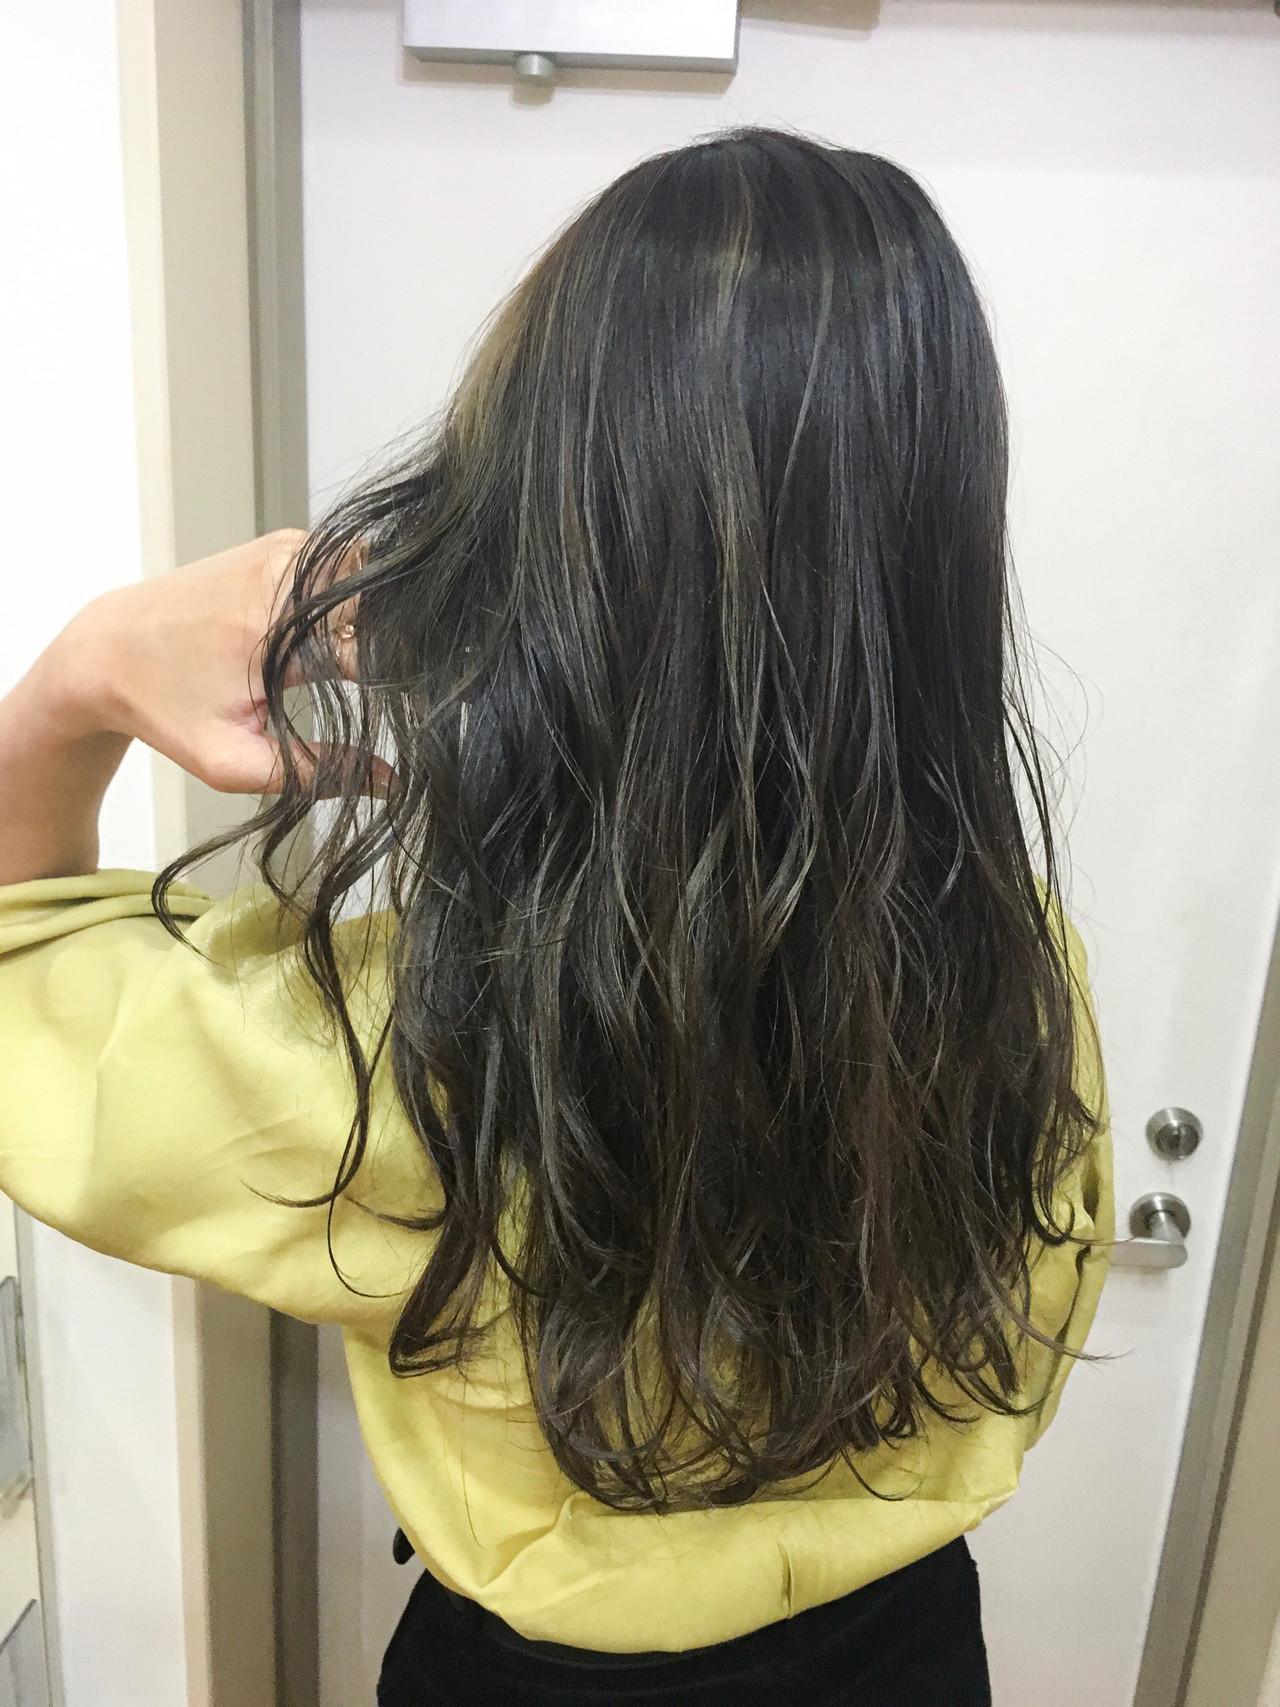 バレイヤージュ ハイライト ロング 大人ハイライト ヘアスタイルや髪型の写真・画像 | 《町田の美容師》キタダヒロキ / Hair Frais Make